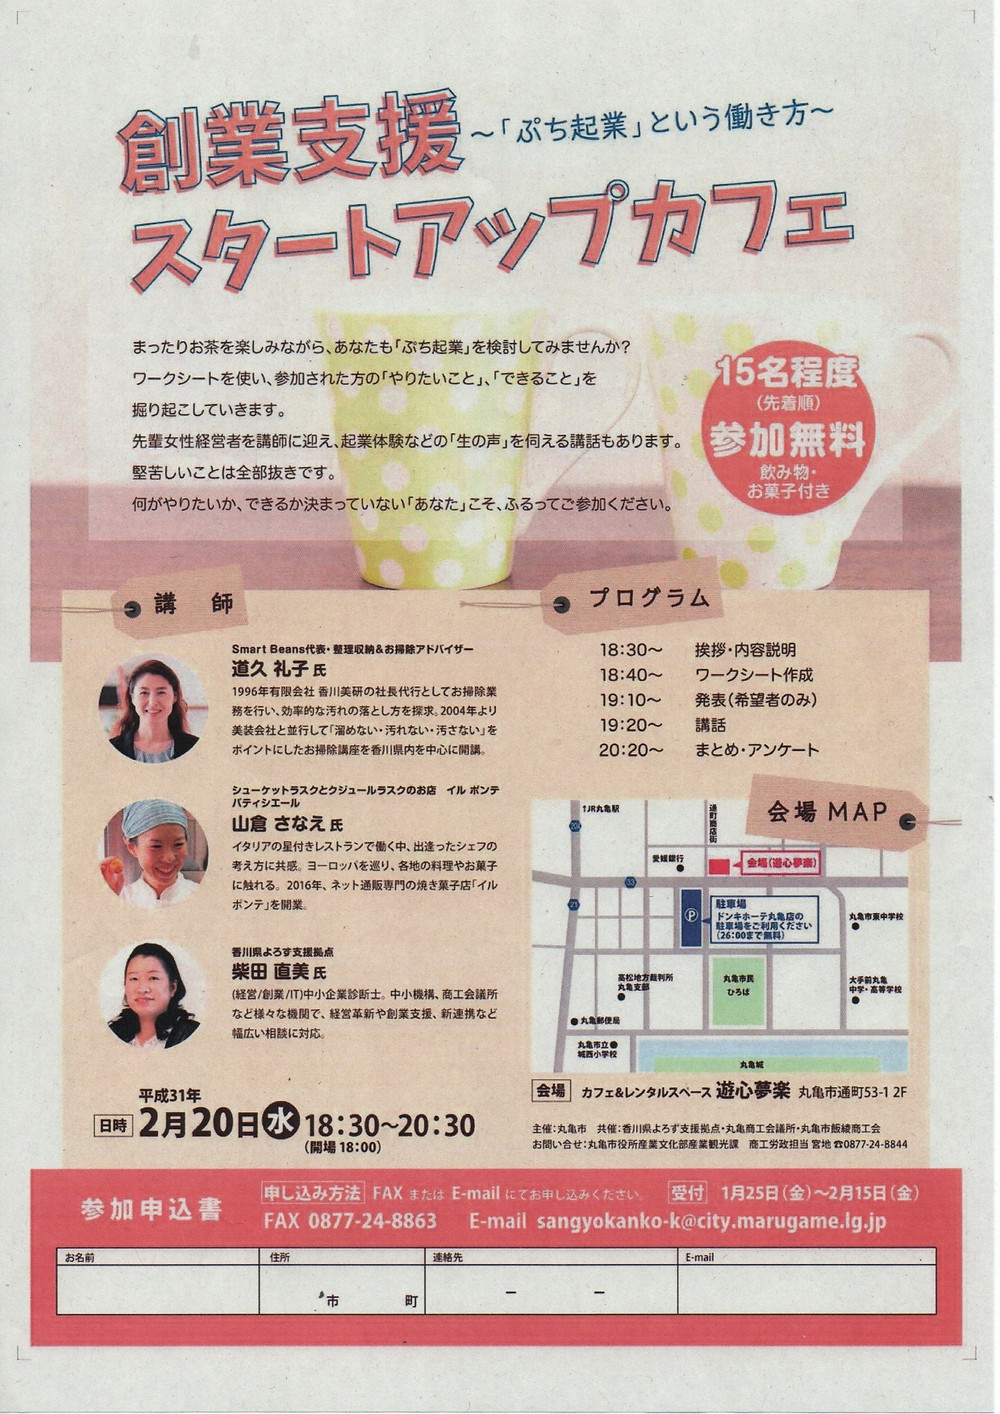 丸亀市創業支援スタートアップカフェ